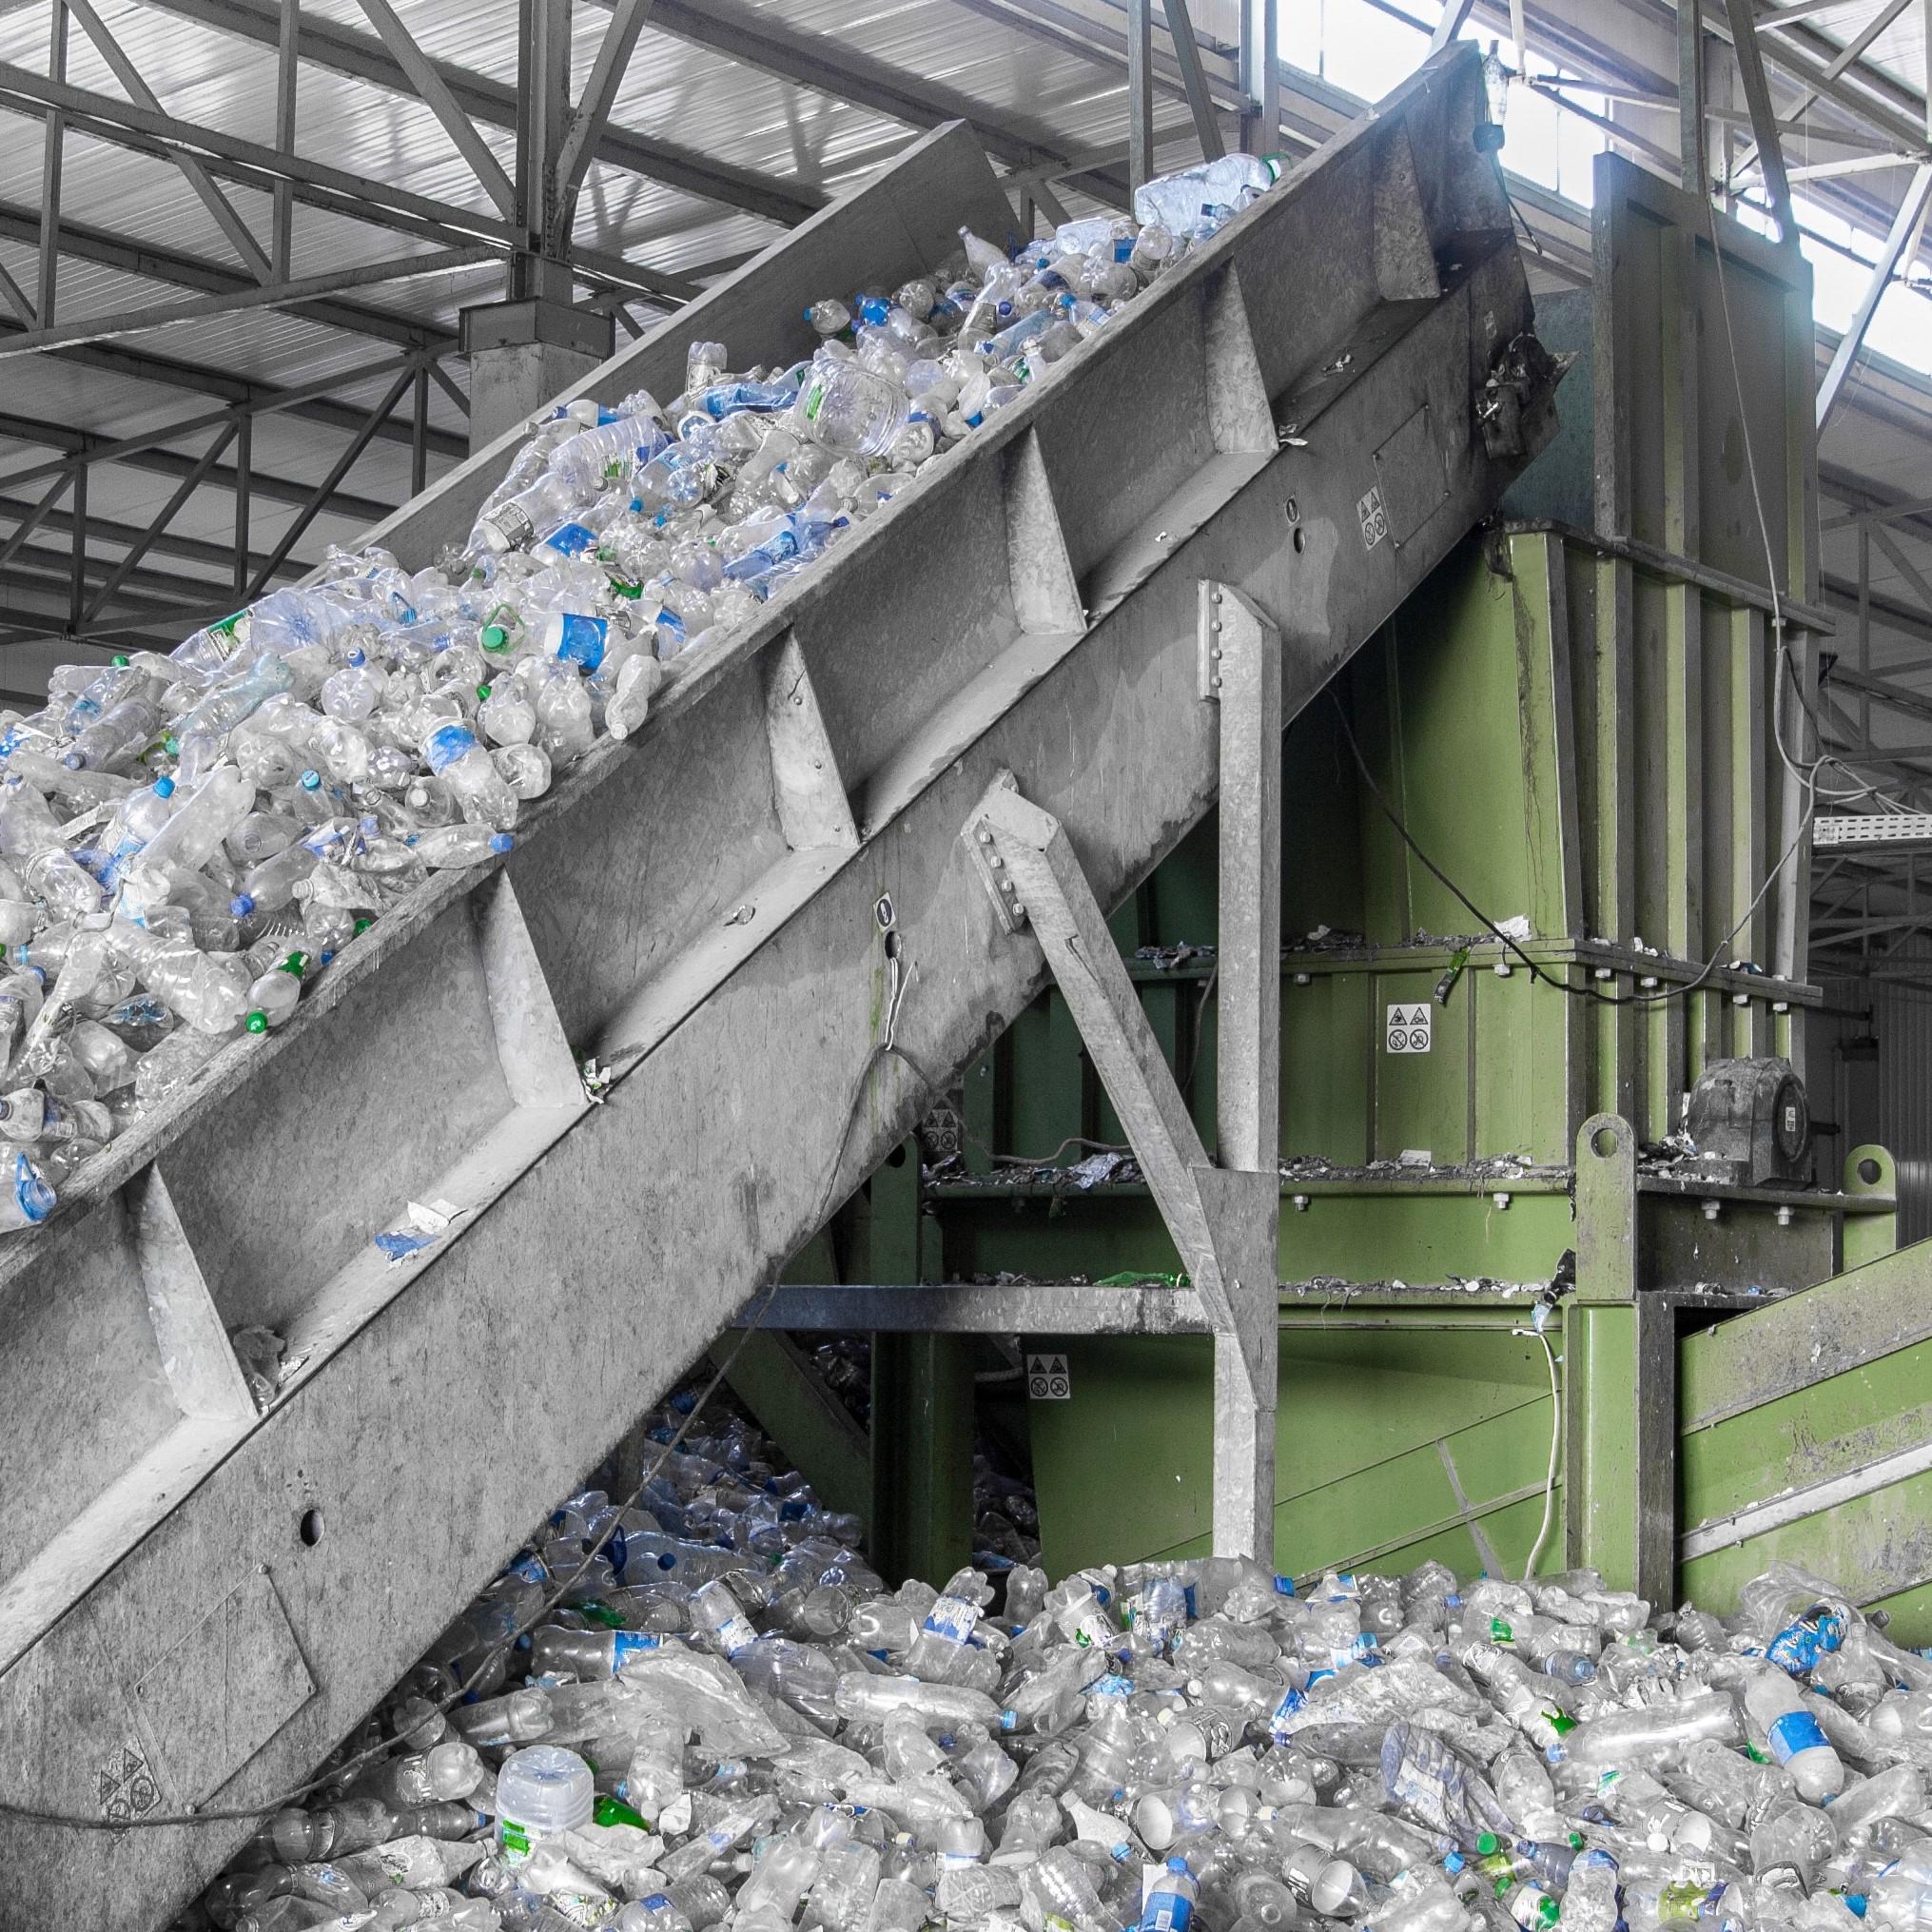 Vađenje operacija reciklaže